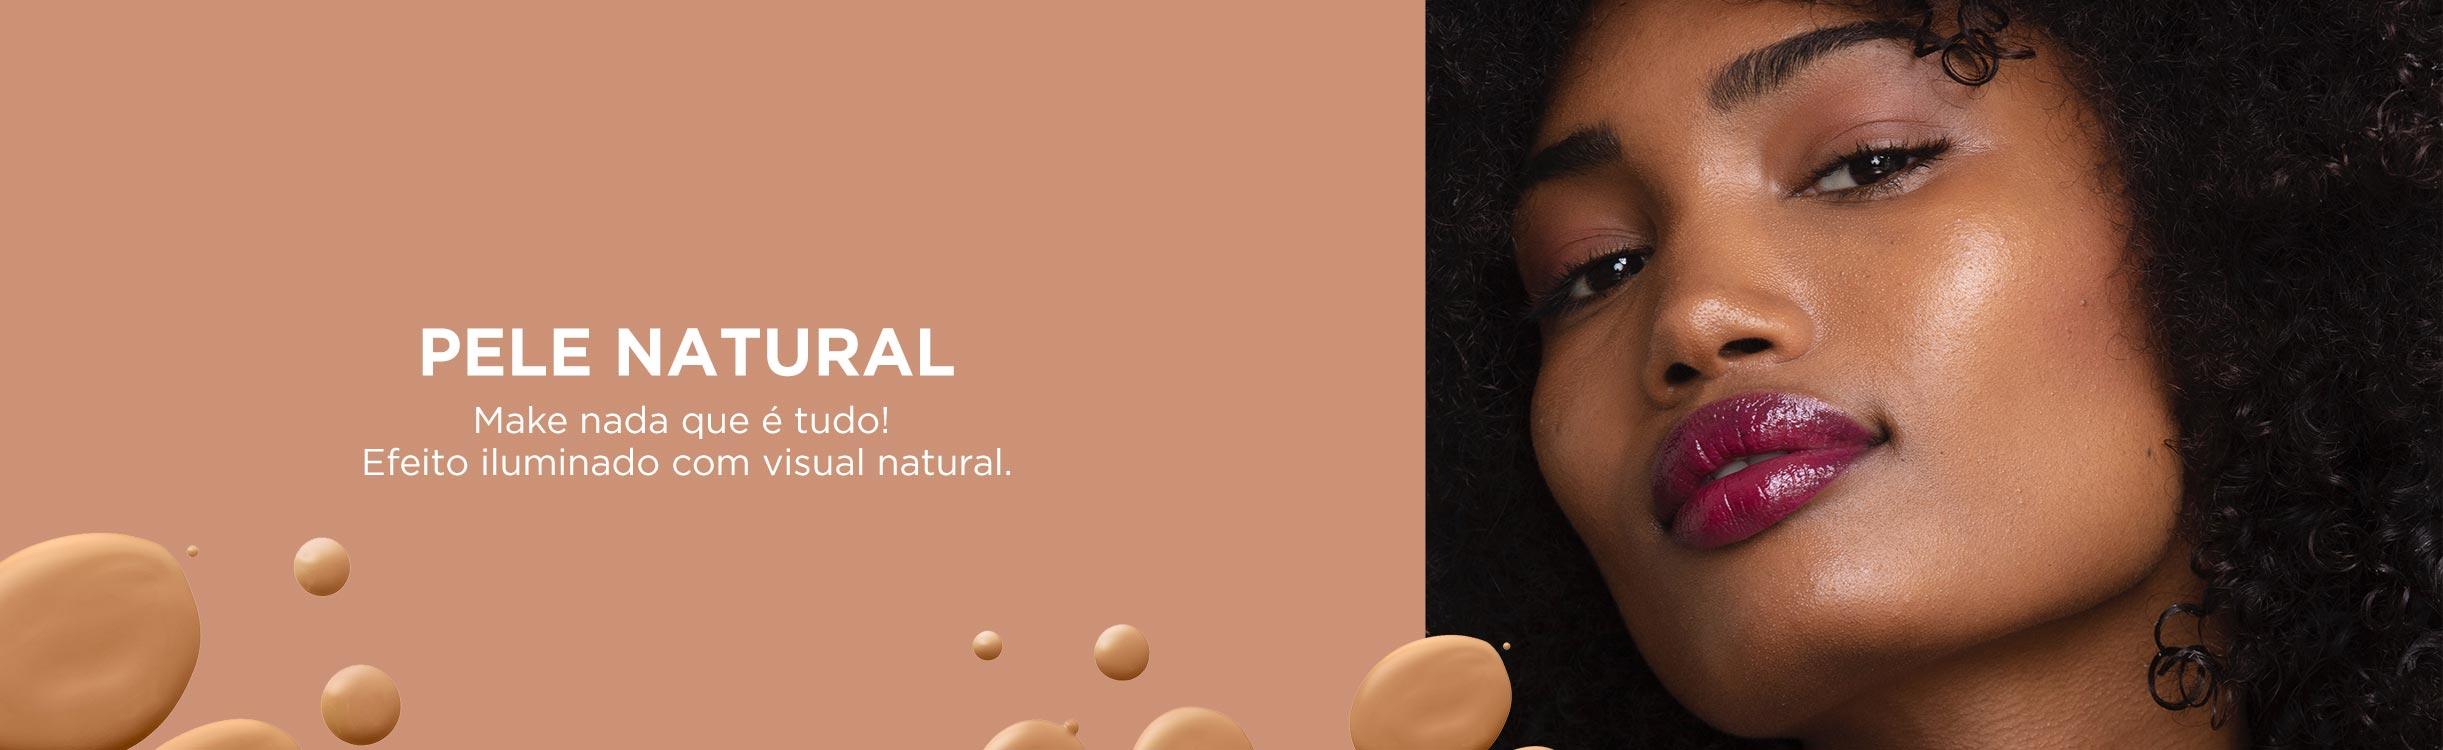 Pele Natural e Iluminada